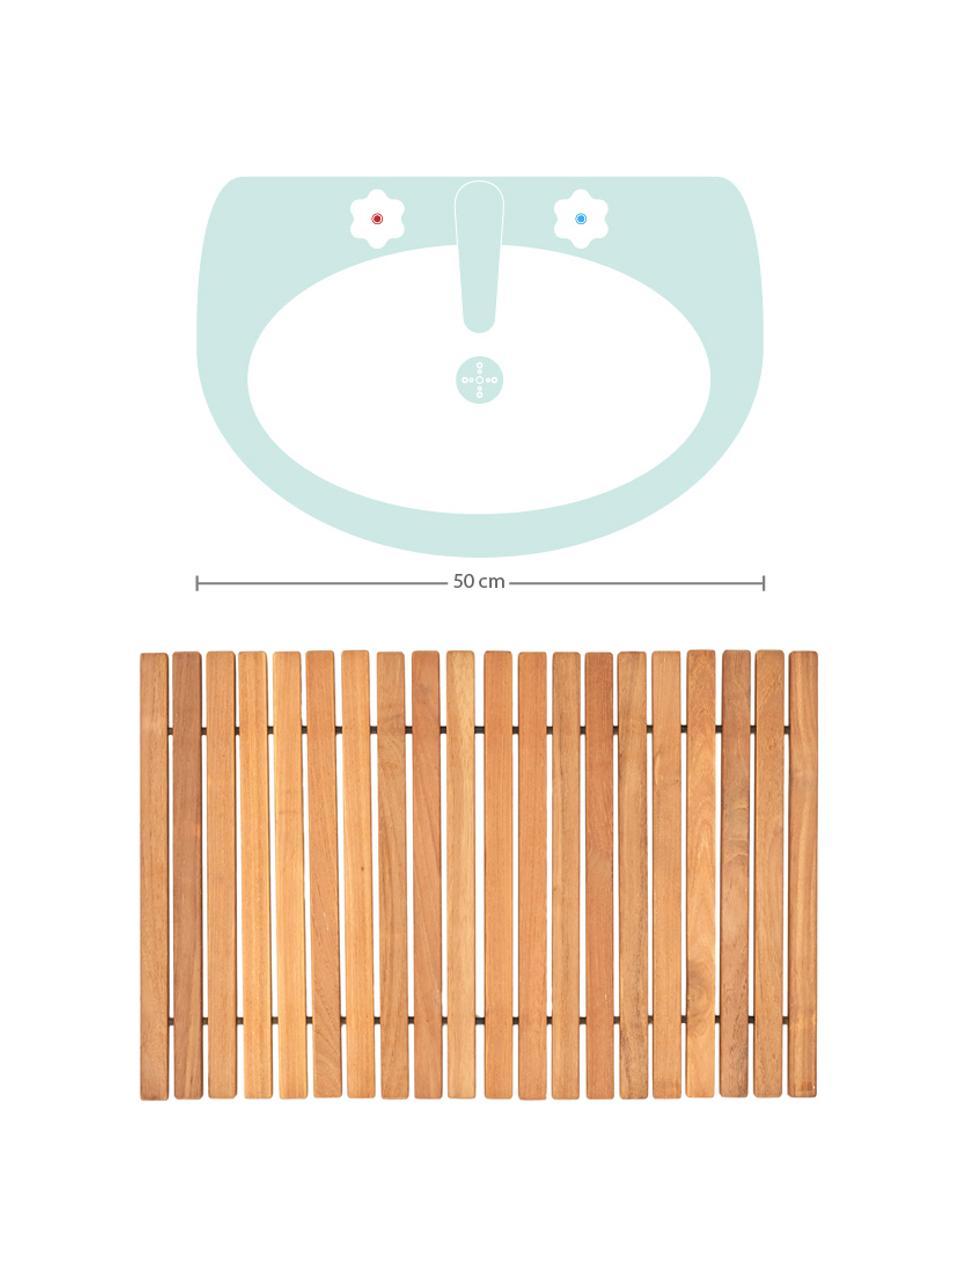 Badvorleger Anna aus Teakholz, Teakholz Das Produkt besteht aus Teakholz aus zertifizierter Forstwirtschaft in Indonesien, in erster Linie aus überschüssigem Holz aus der Möbelproduktion., Braun, 40 x 60 cm